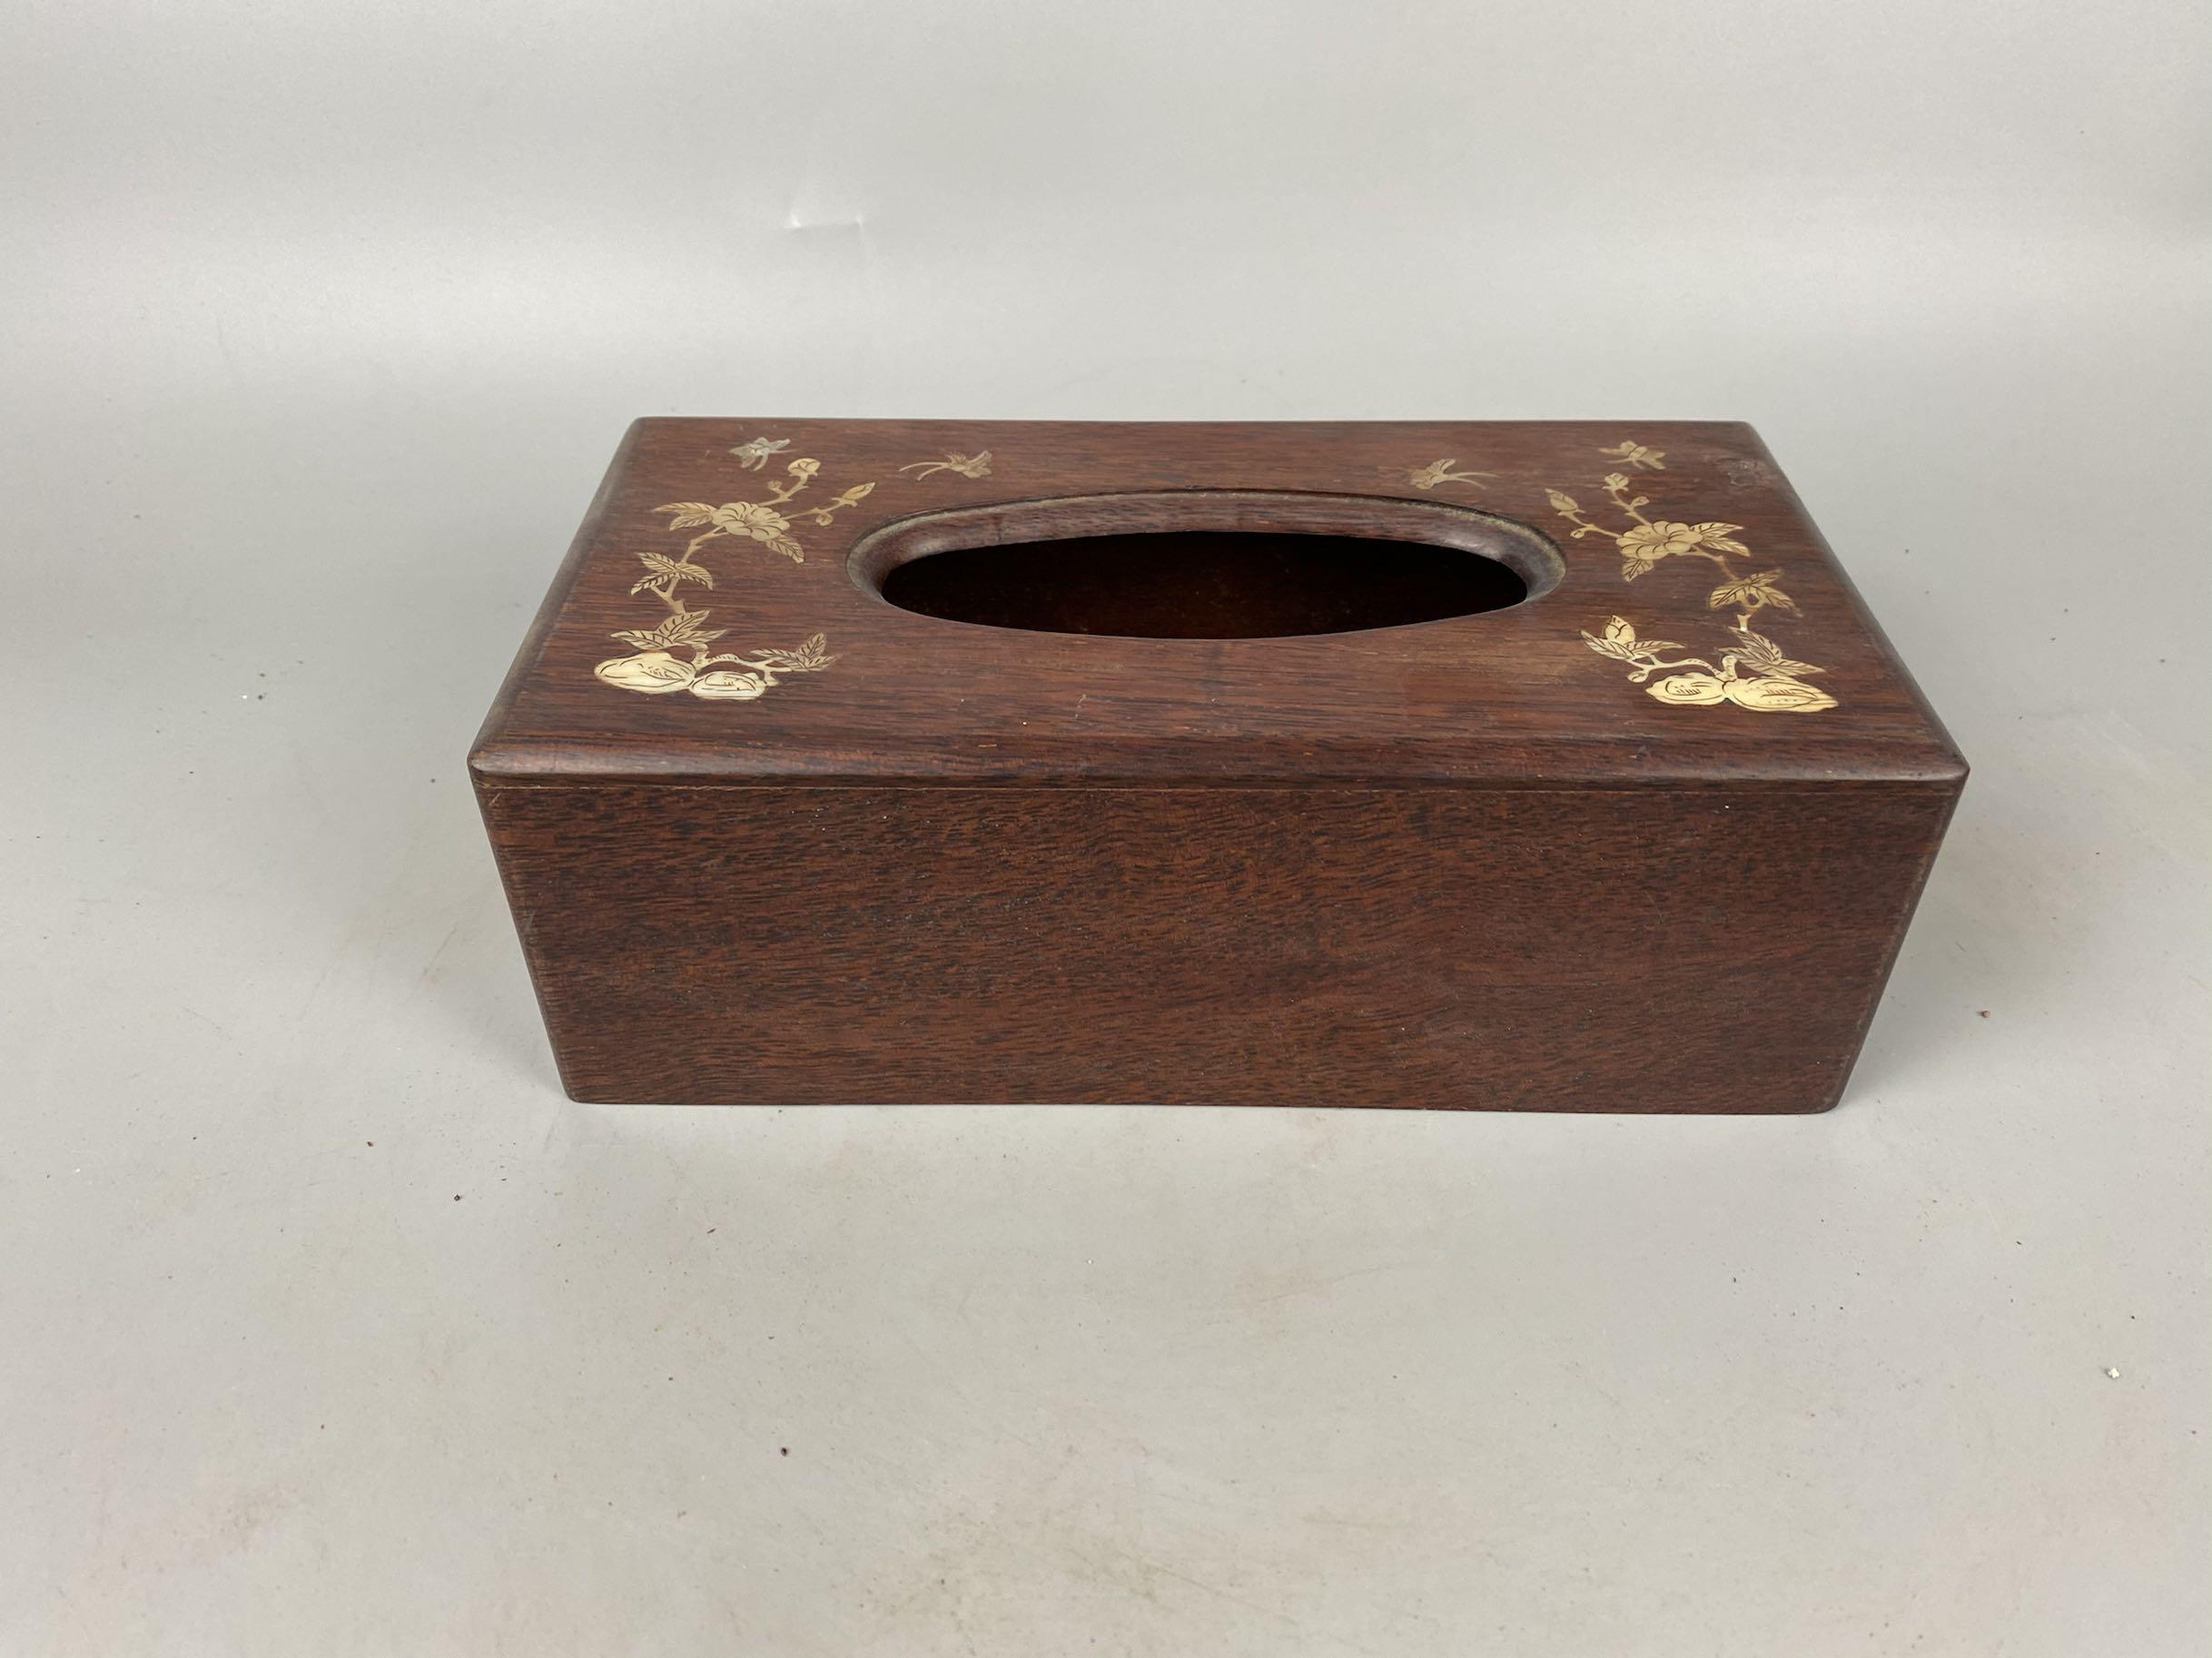 外貨受取の時期には、貝殻をちりばめたティッシュボックスを置いて、会所茶屋を飾っています。